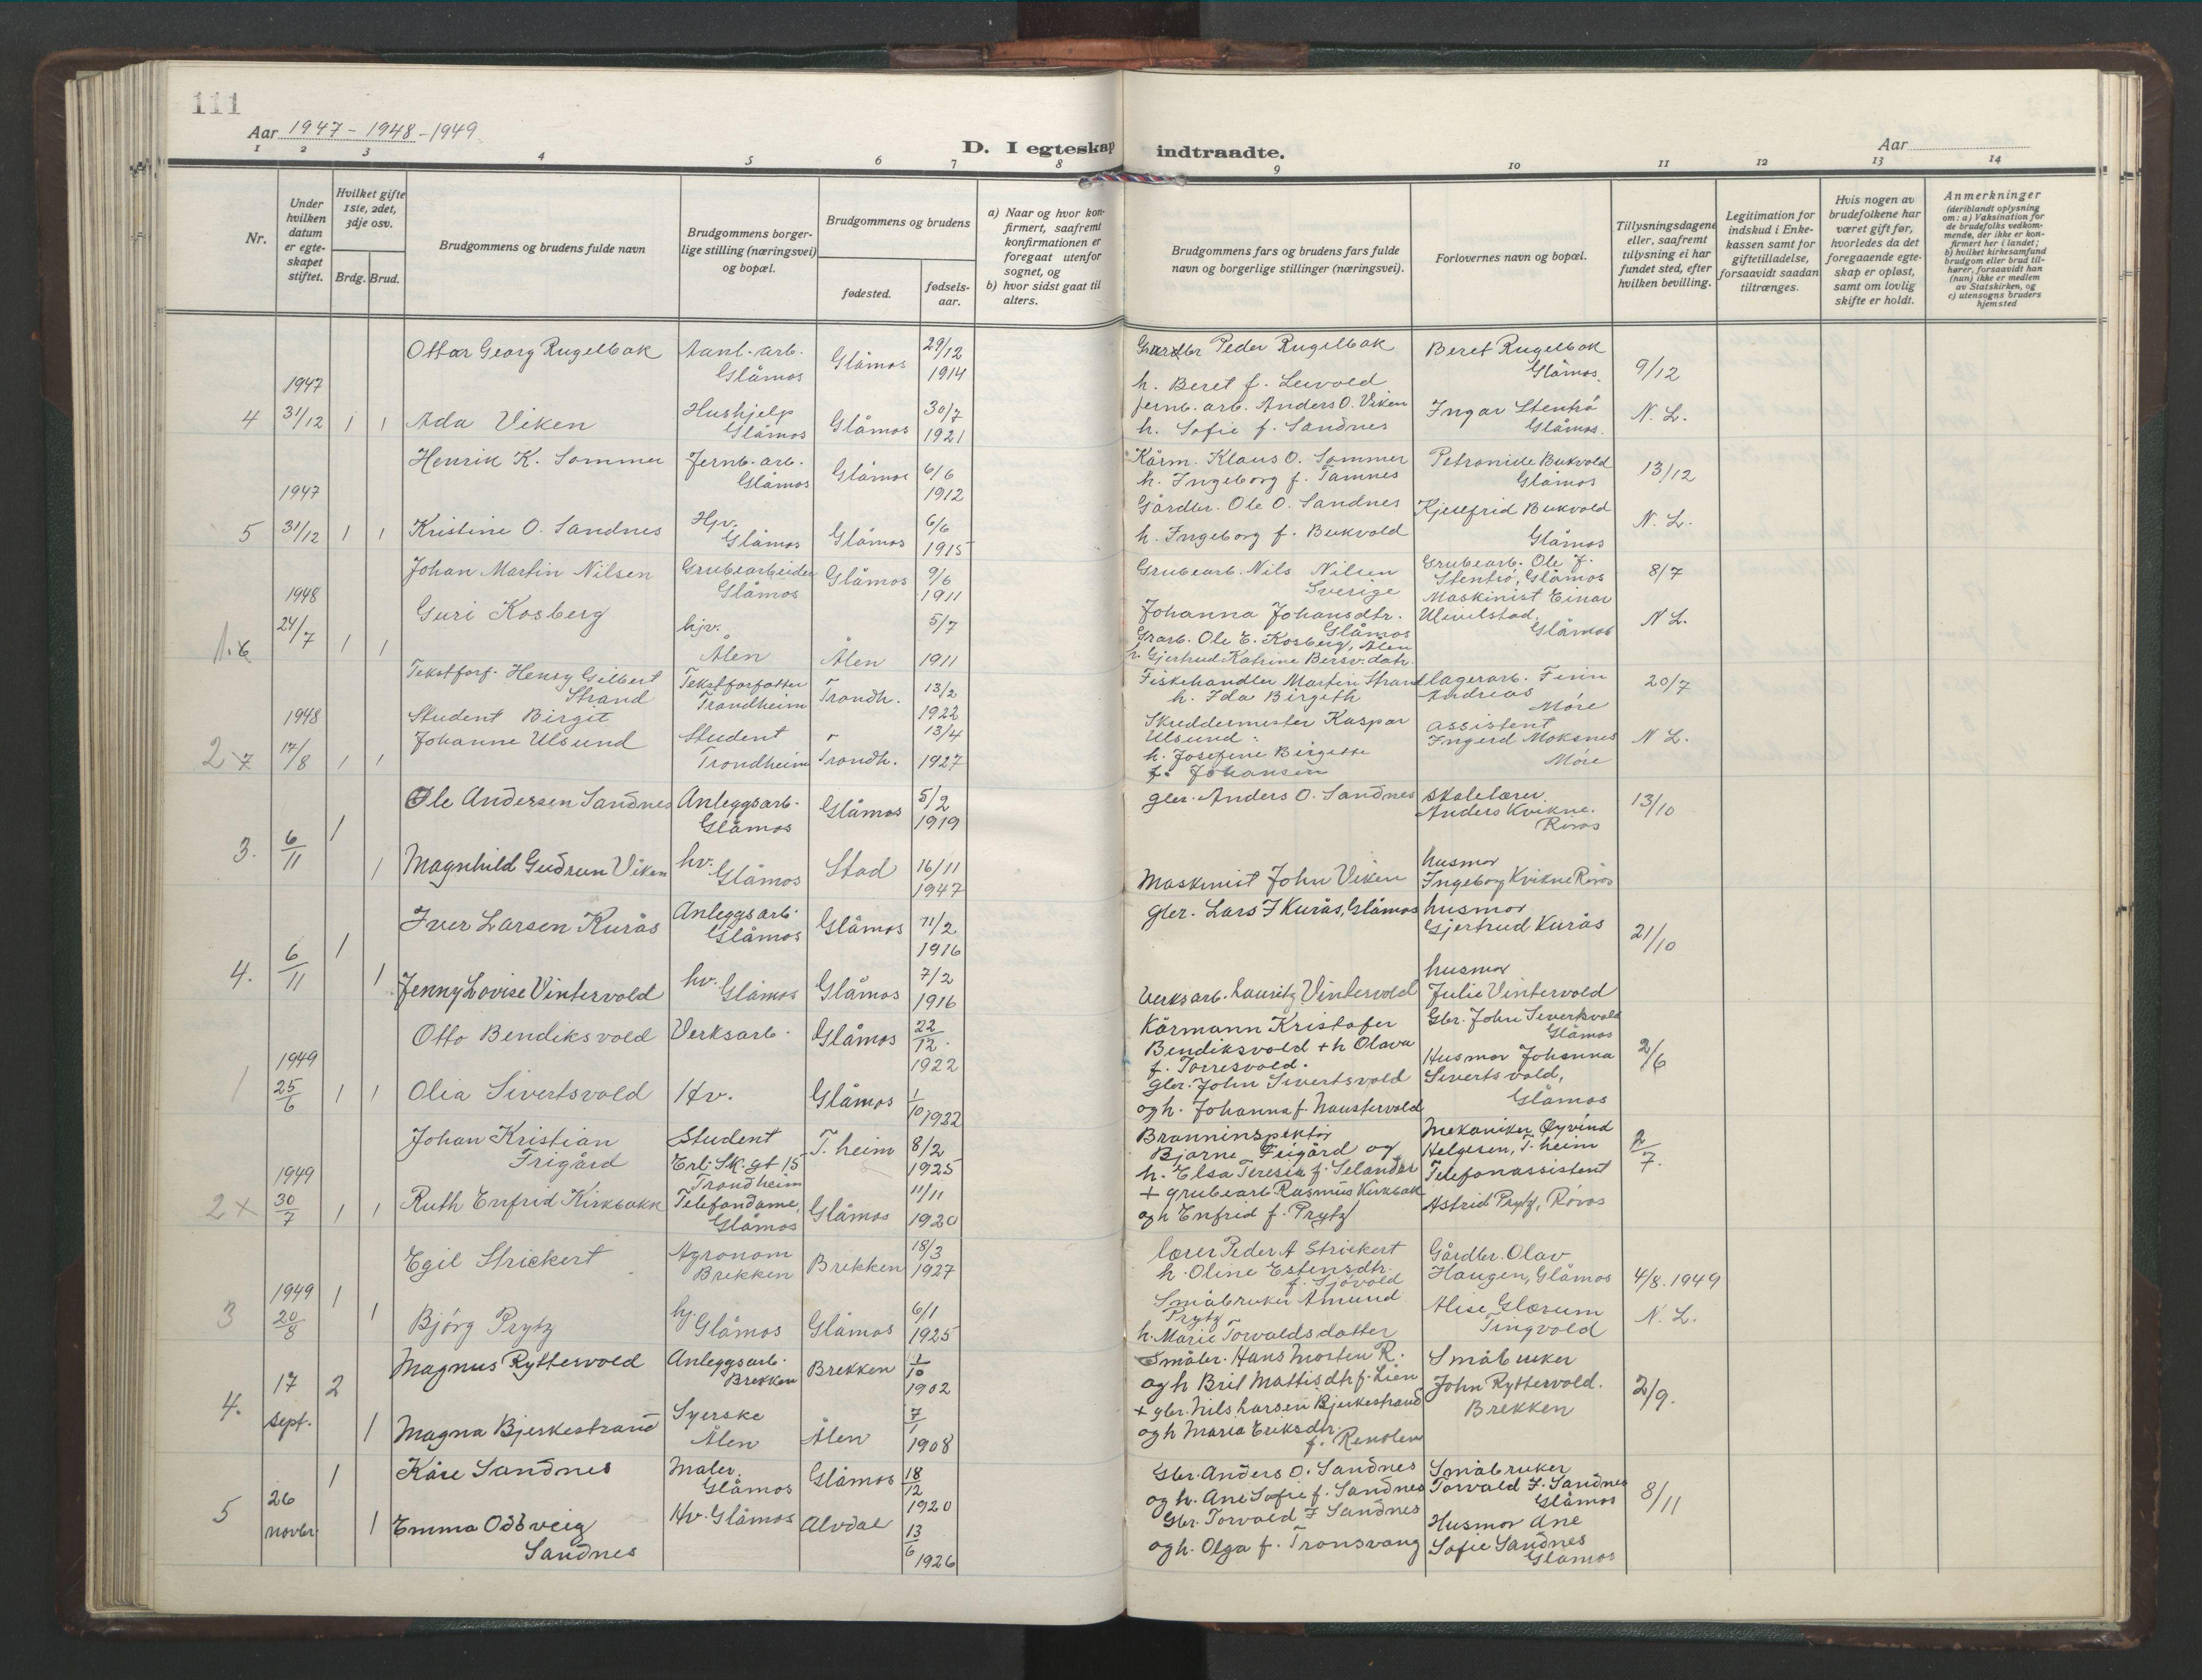 SAT, Ministerialprotokoller, klokkerbøker og fødselsregistre - Sør-Trøndelag, 682/L0947: Klokkerbok nr. 682C01, 1926-1968, s. 111